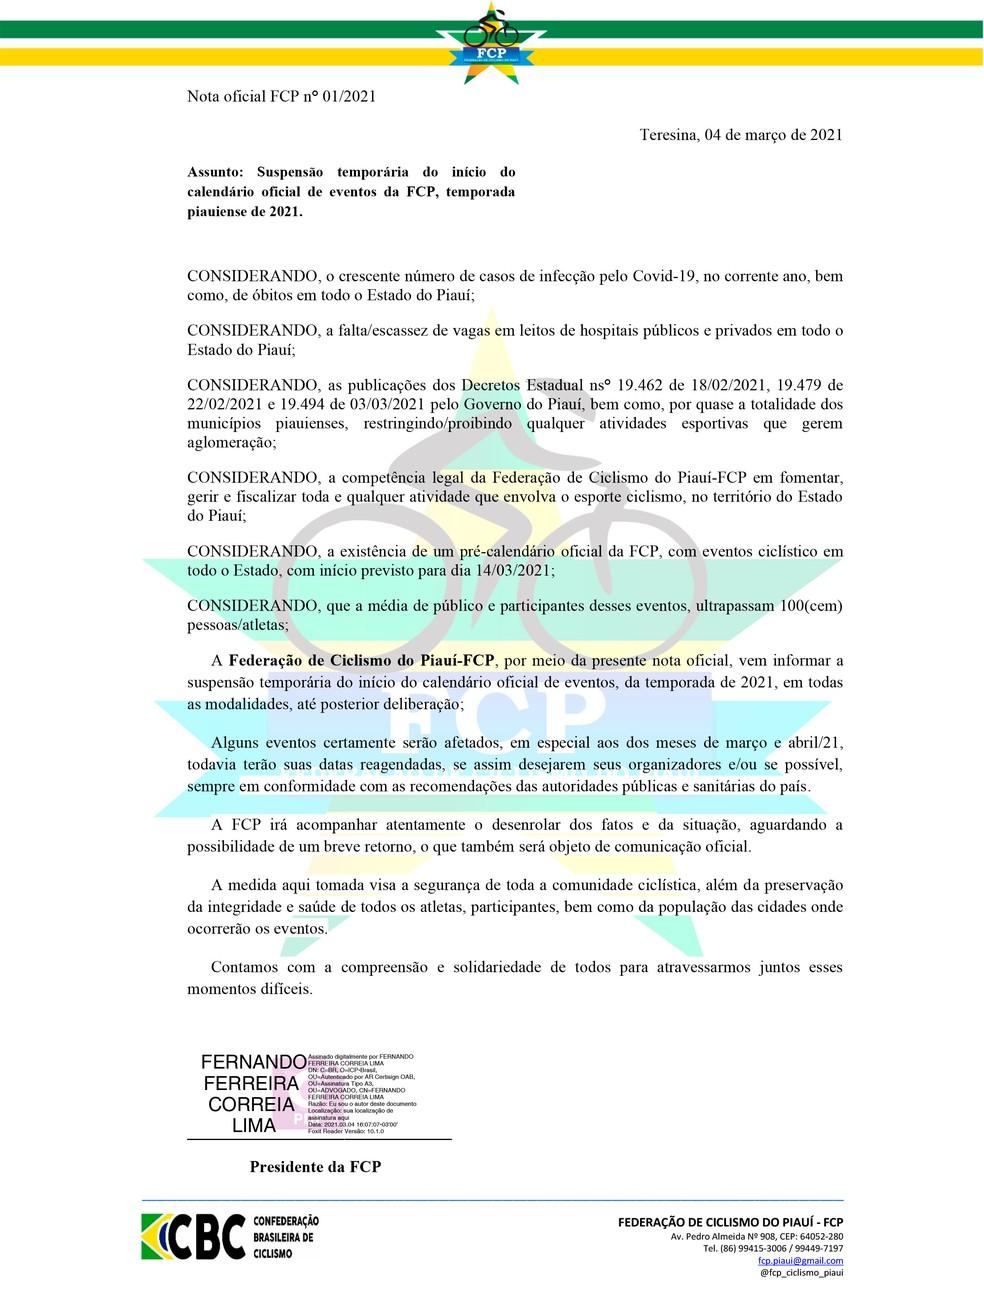 Nota da Federação de Ciclismo do Piauí suspendendo o início do calendário 2021 — Foto: Reprodução/FCP